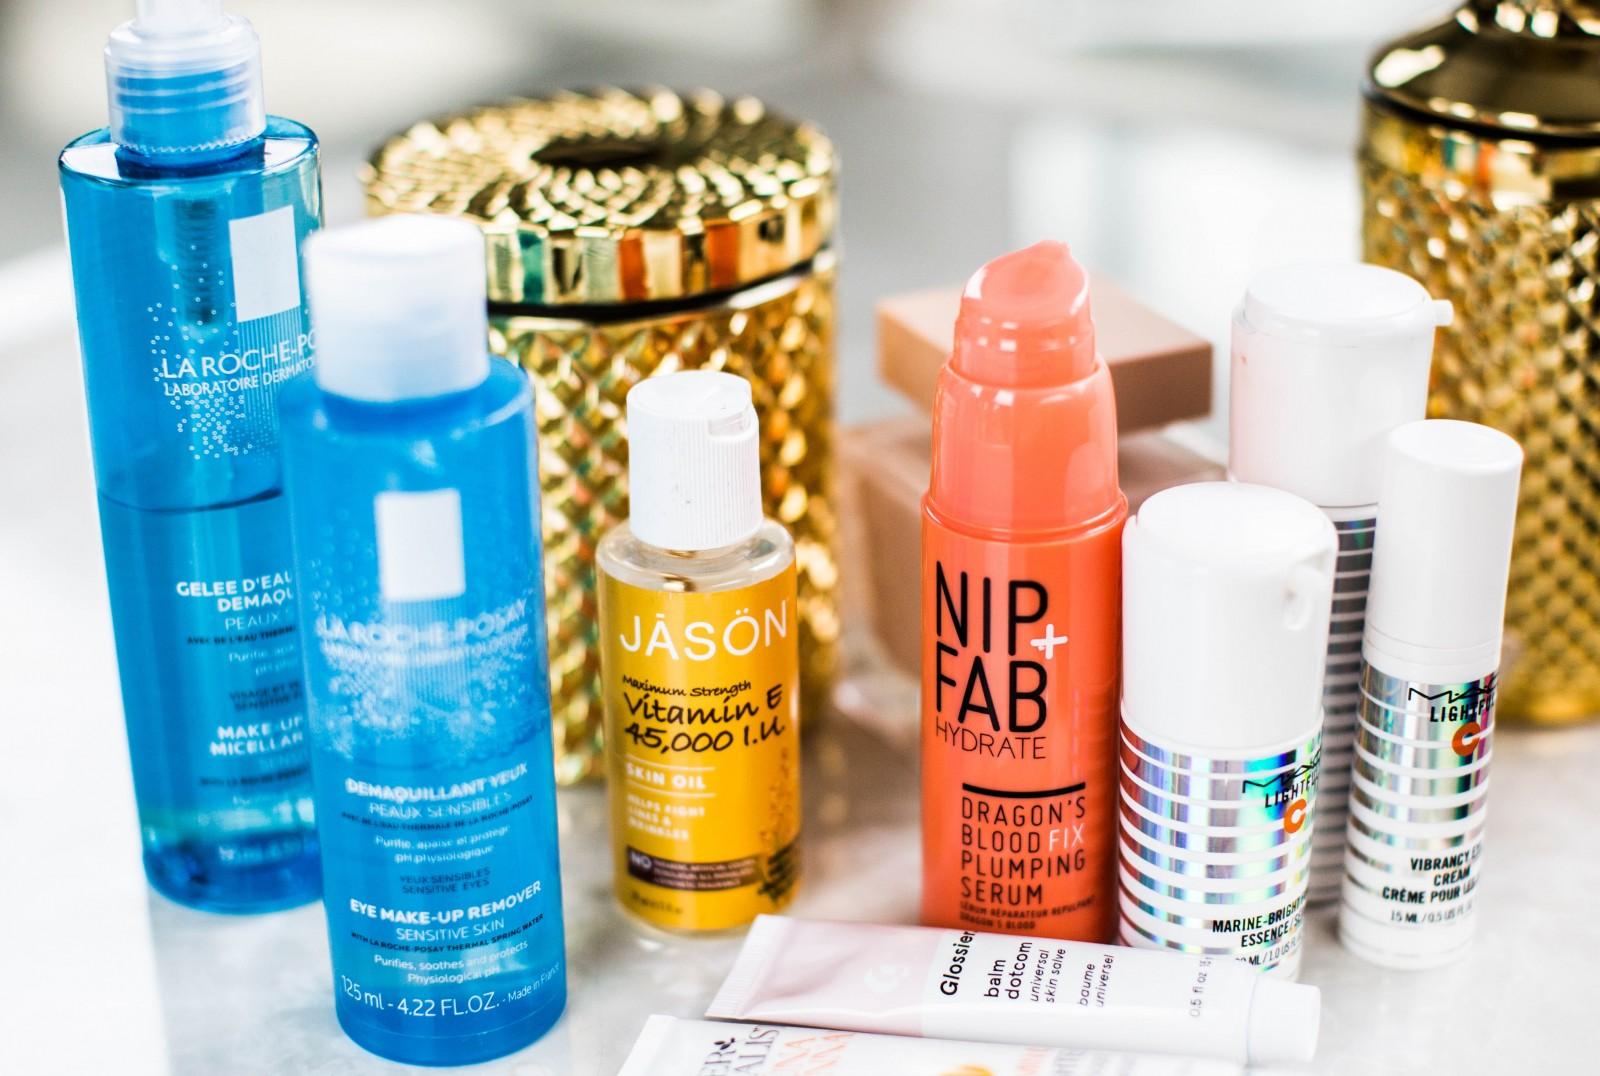 Suchy szampon: hit czy kit?